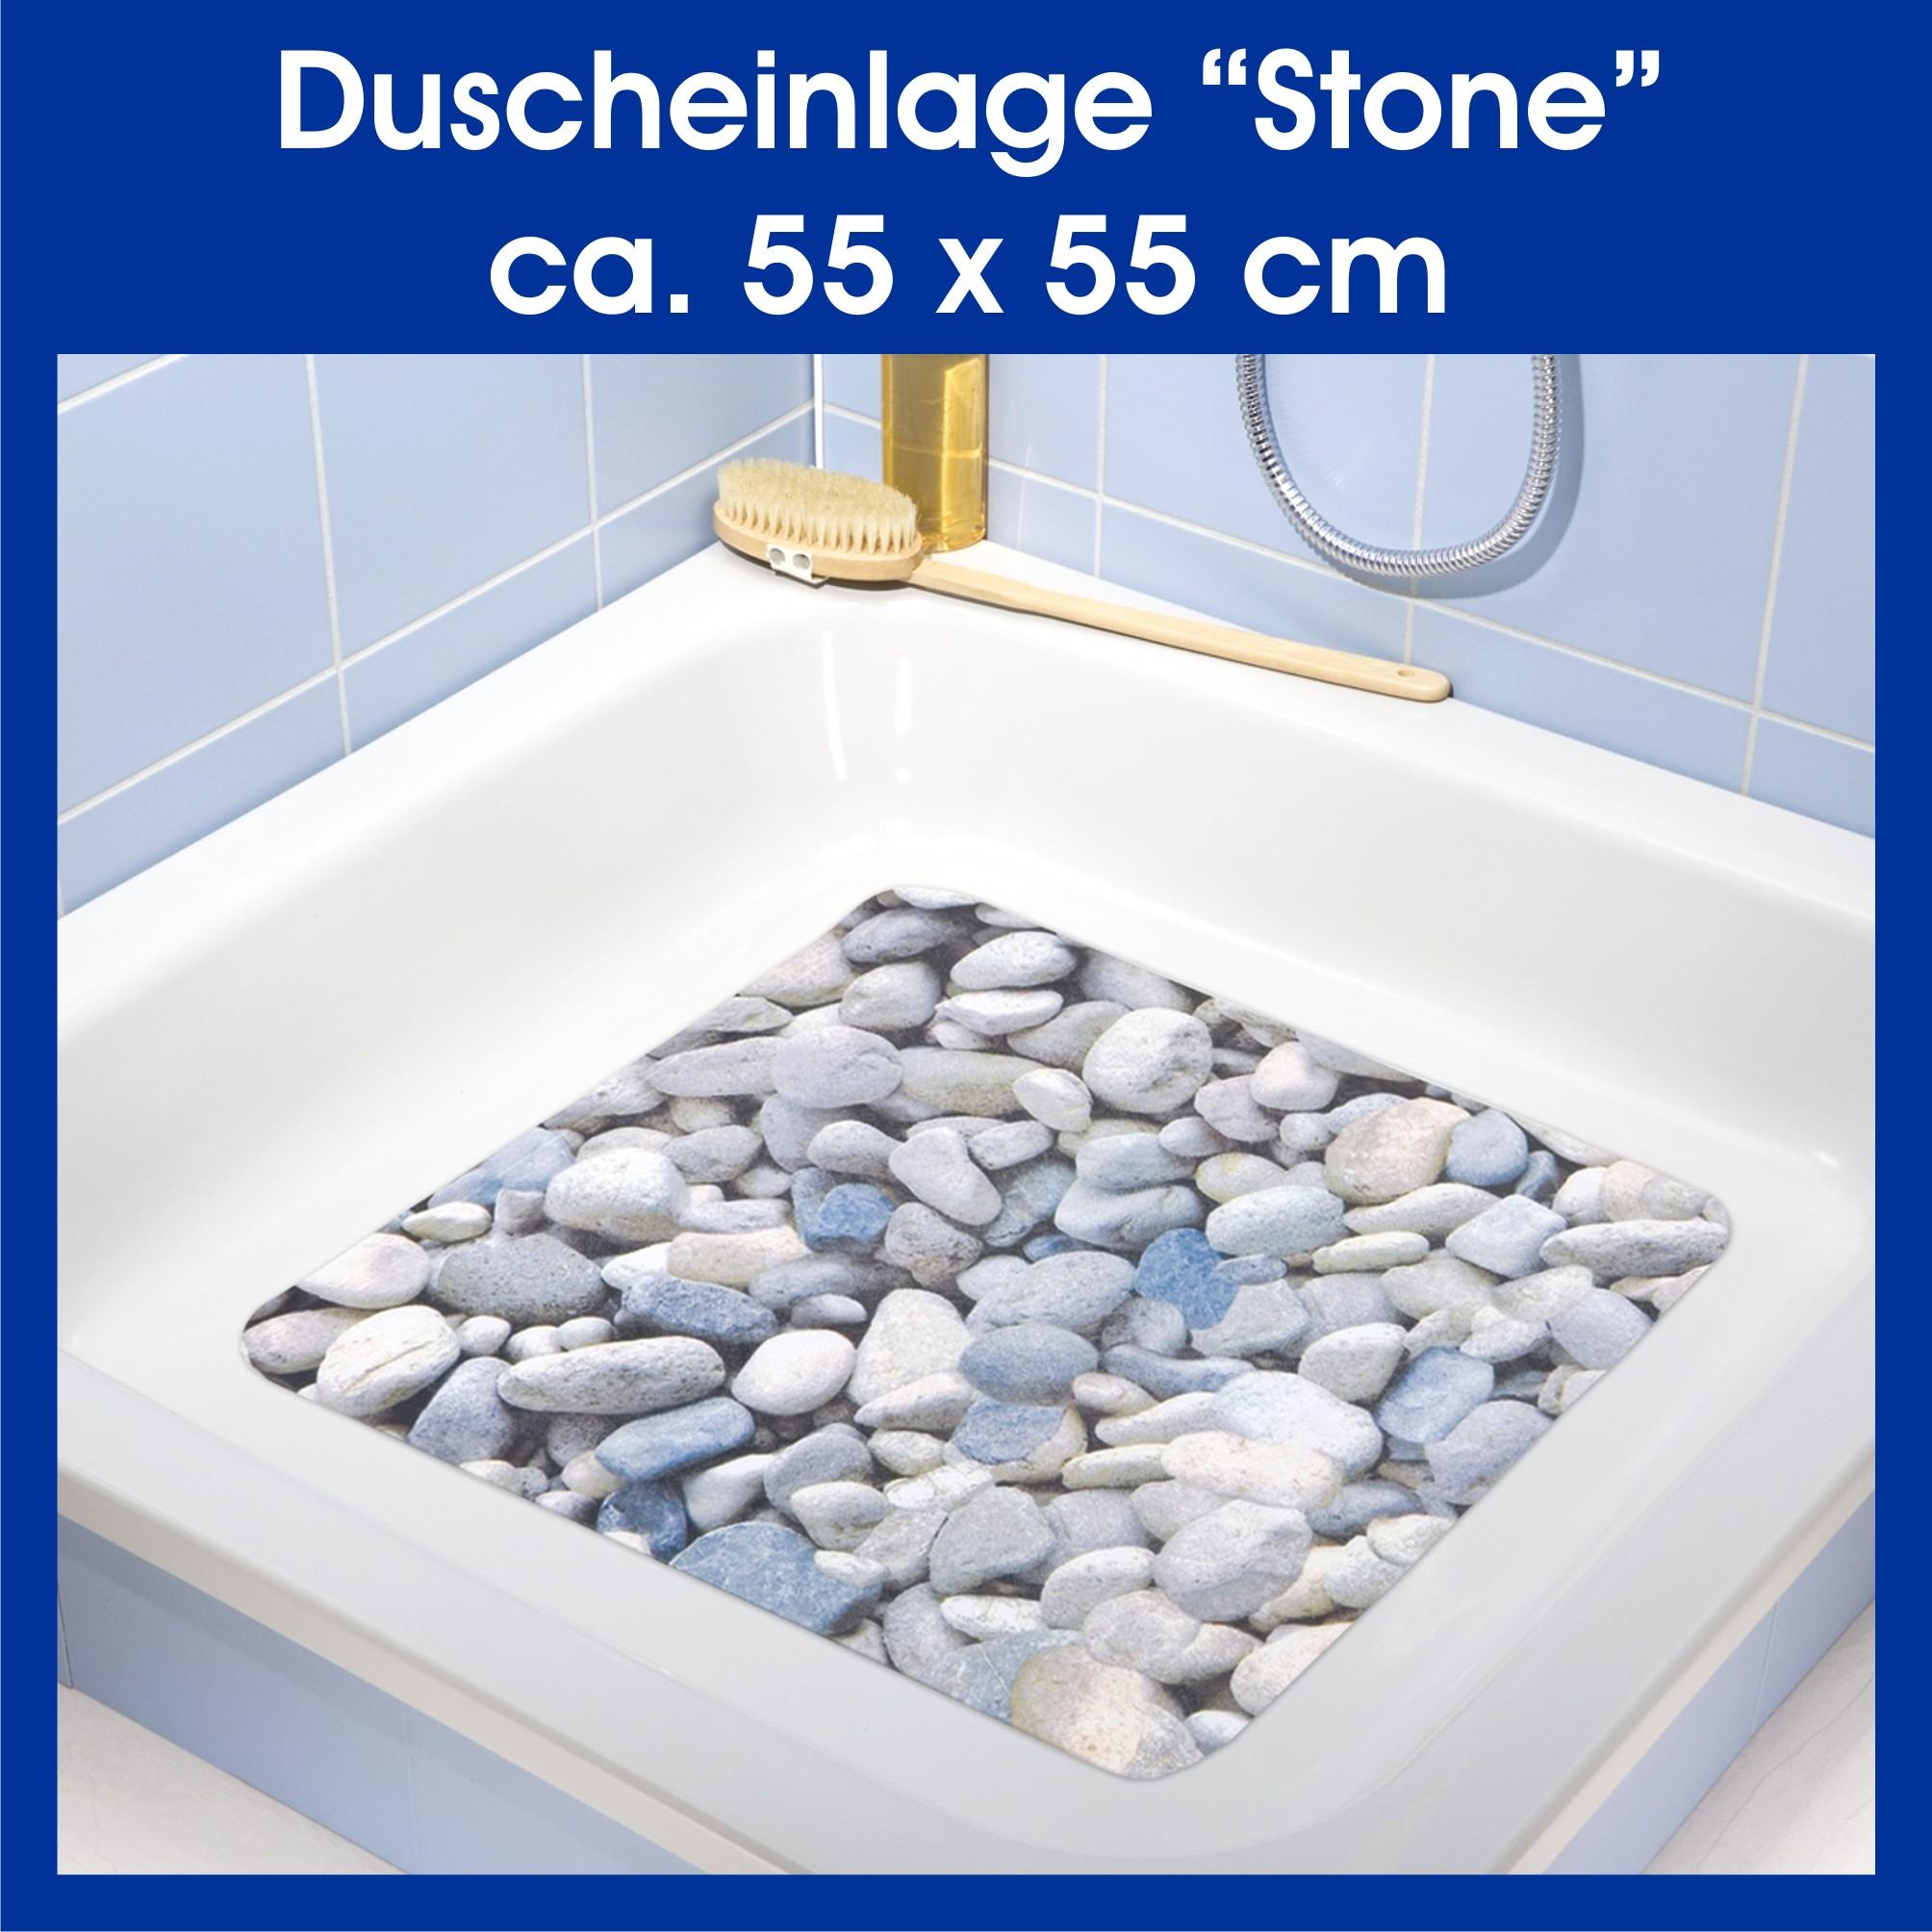 duscheinlage stone dusche matte einlage wanneneinlage antirutschmatte badewanne ebay. Black Bedroom Furniture Sets. Home Design Ideas